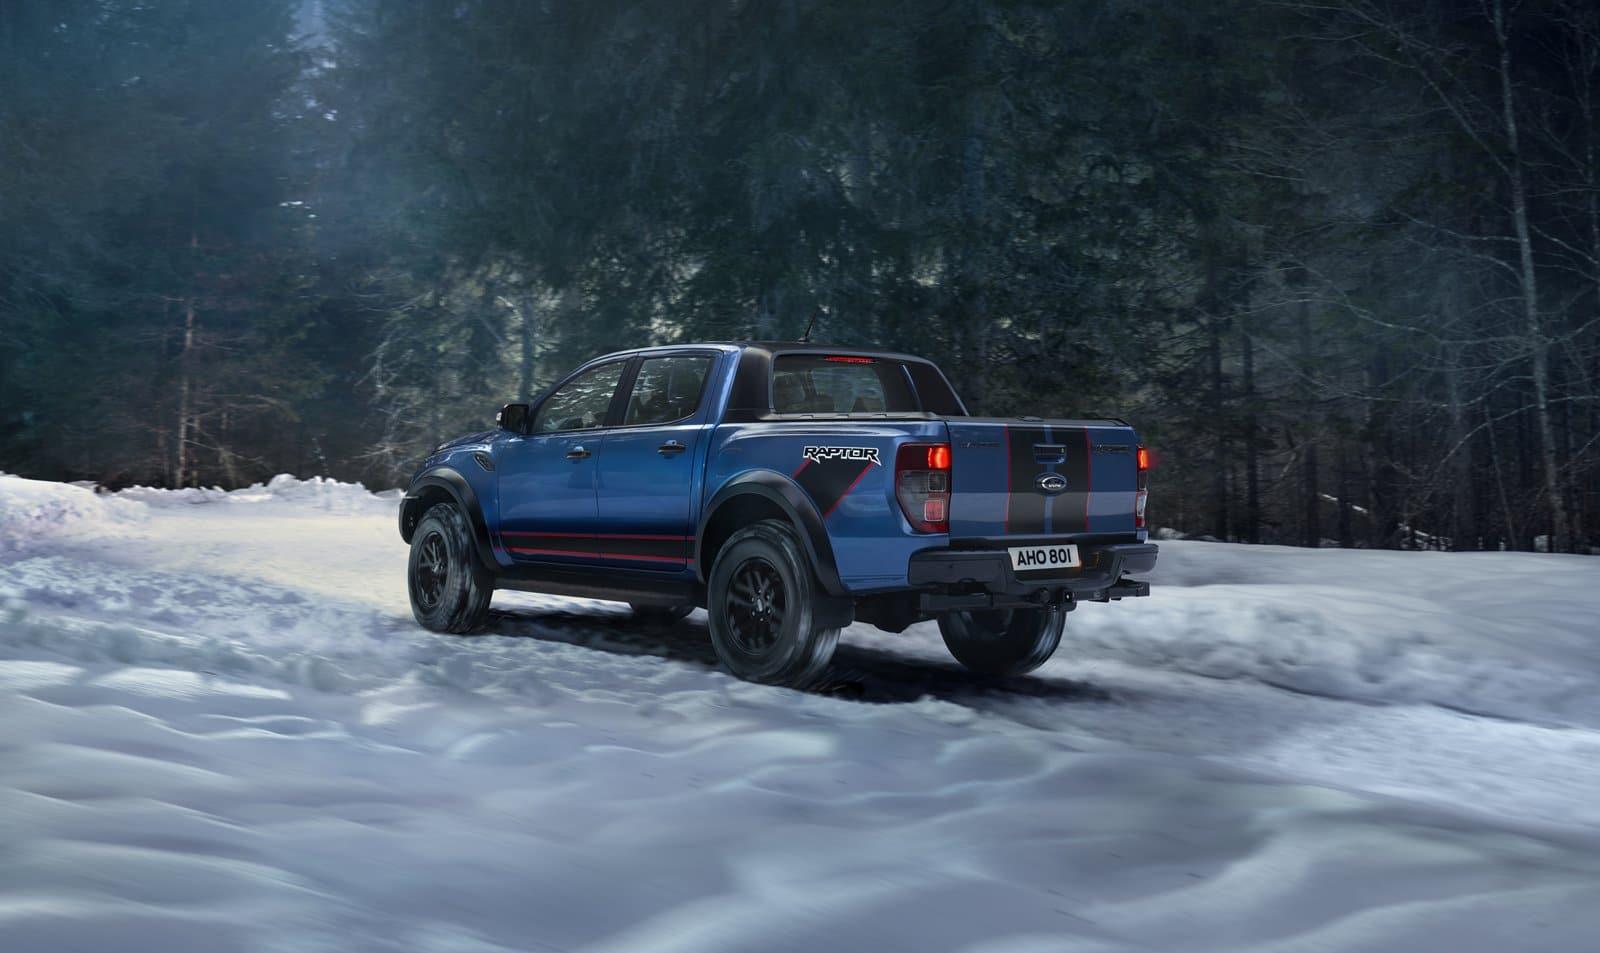 El Ford Ranger Raptor Special Edition 2021 es más atrevido visualmente